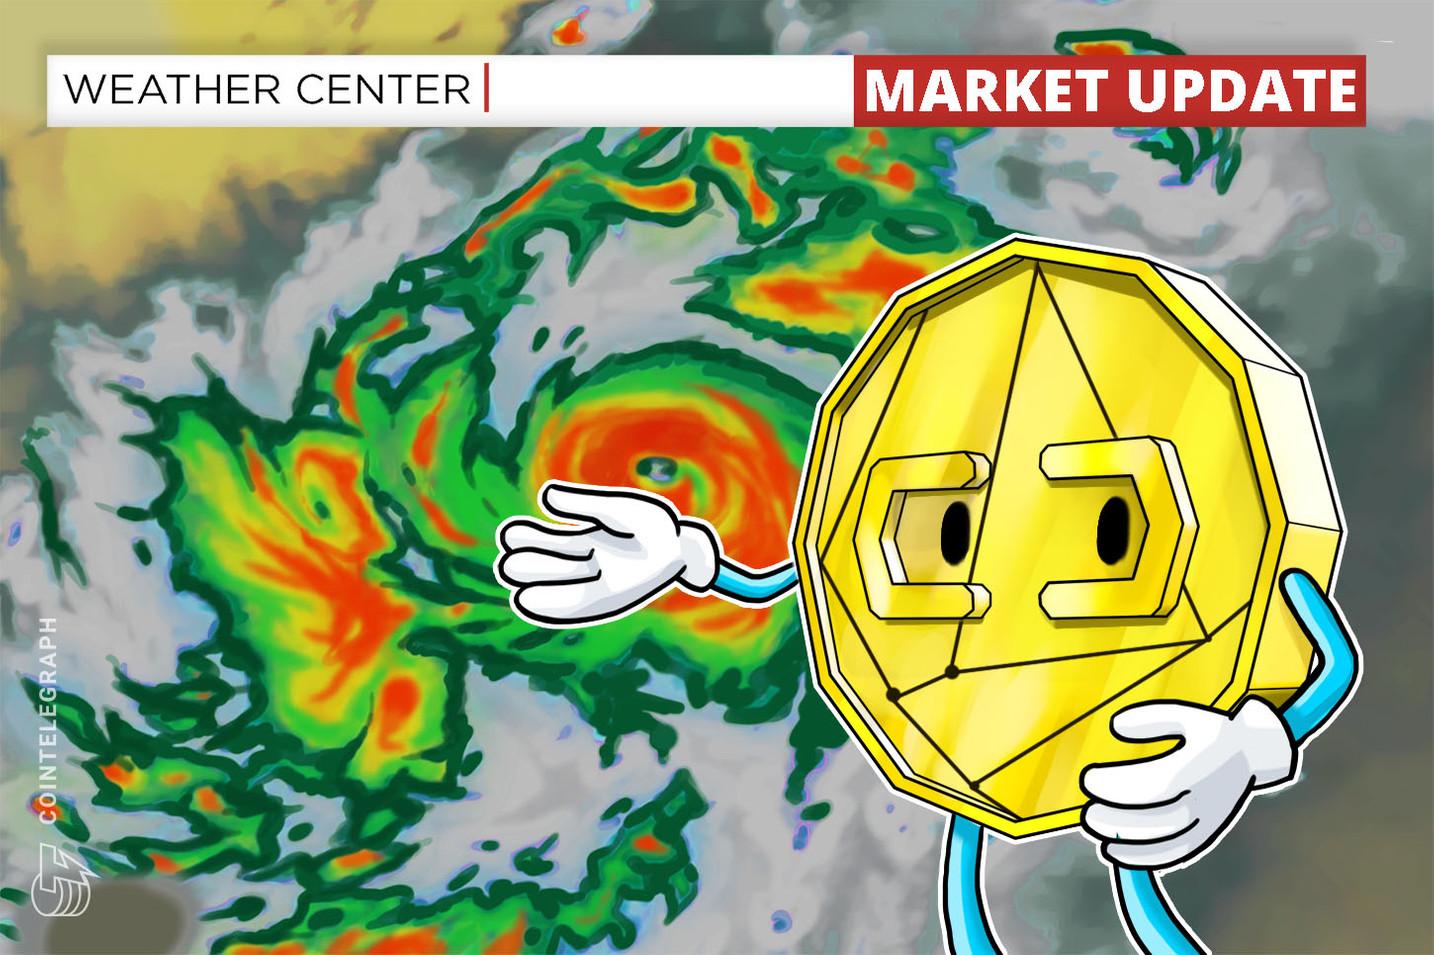 Mercato delle criptovalute relativamente stabile, Bitcoin vicino a quota 6.600